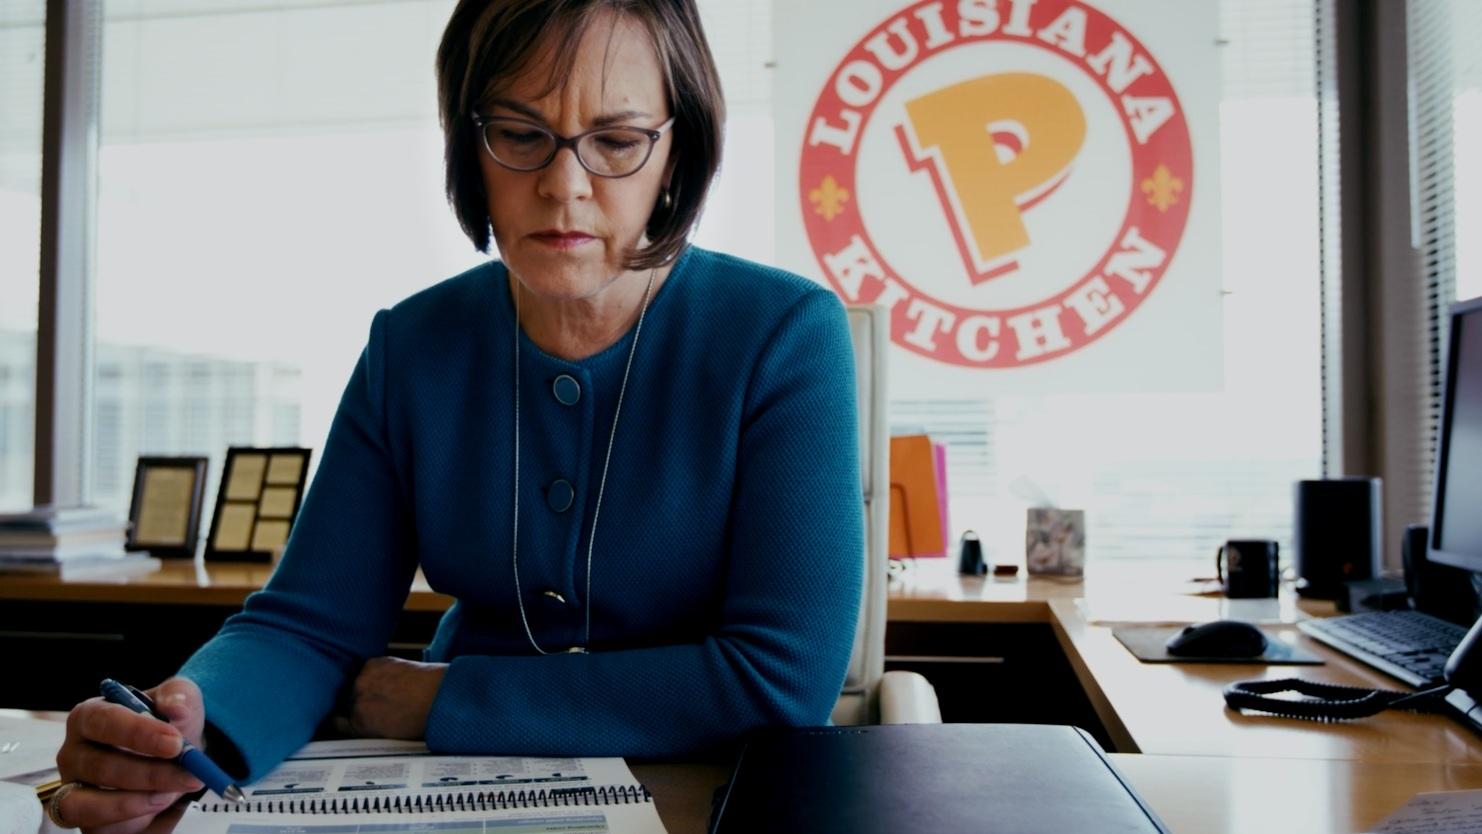 popeyes serves up a turnaround - Cheryl Bachelder of Popeyes Chicken